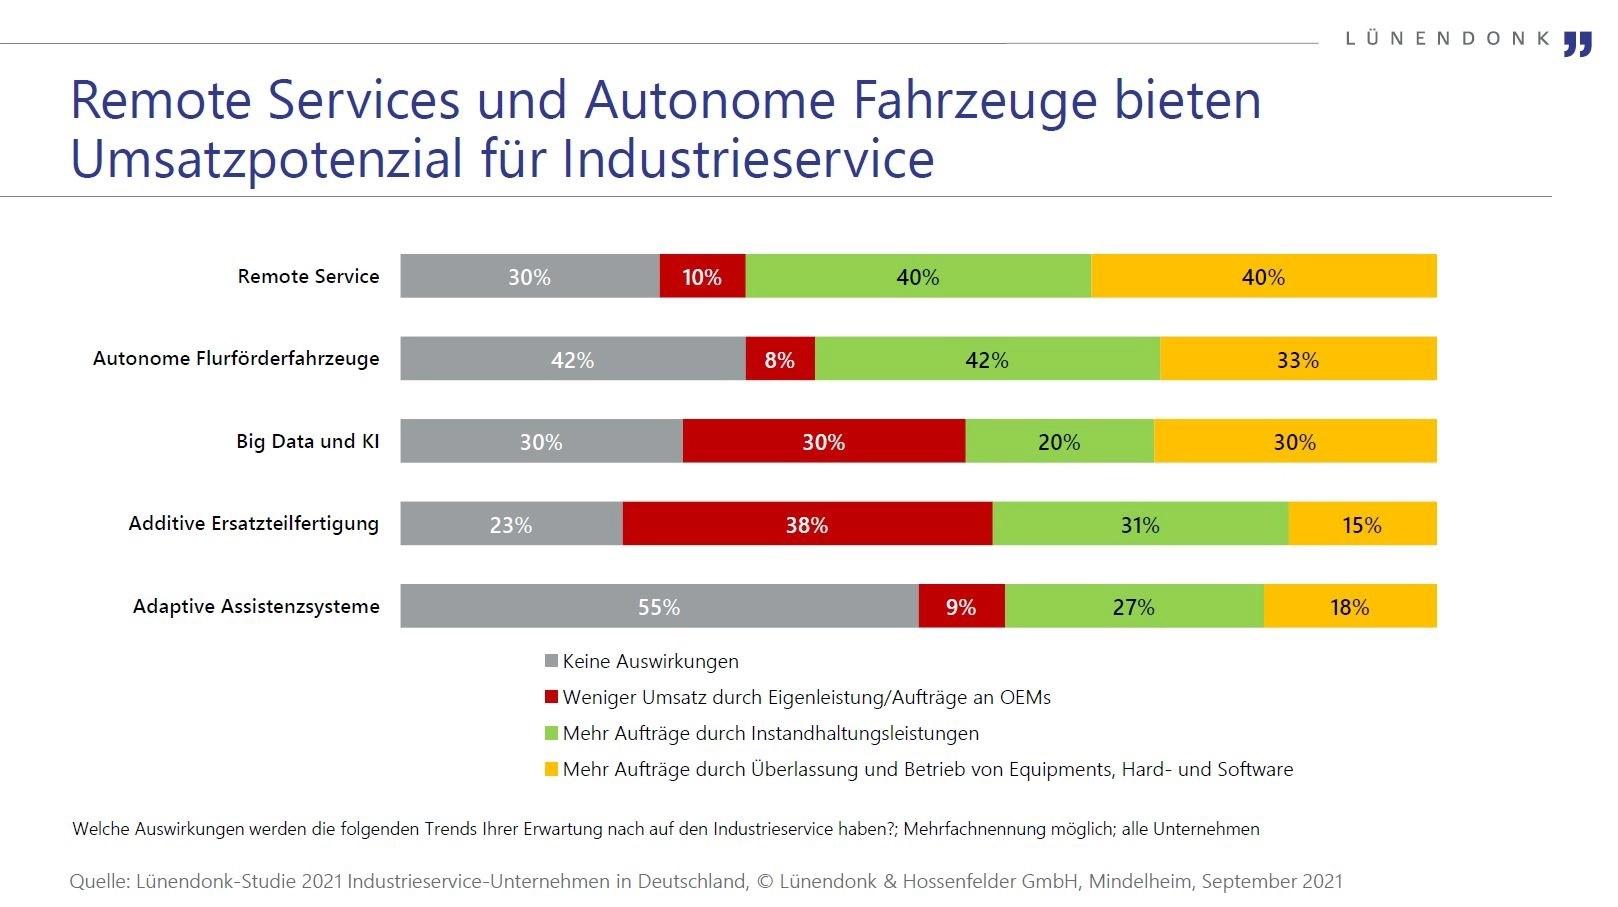 Industrieservice-Unternehmen in Deutschland mit Umsatzrückgang